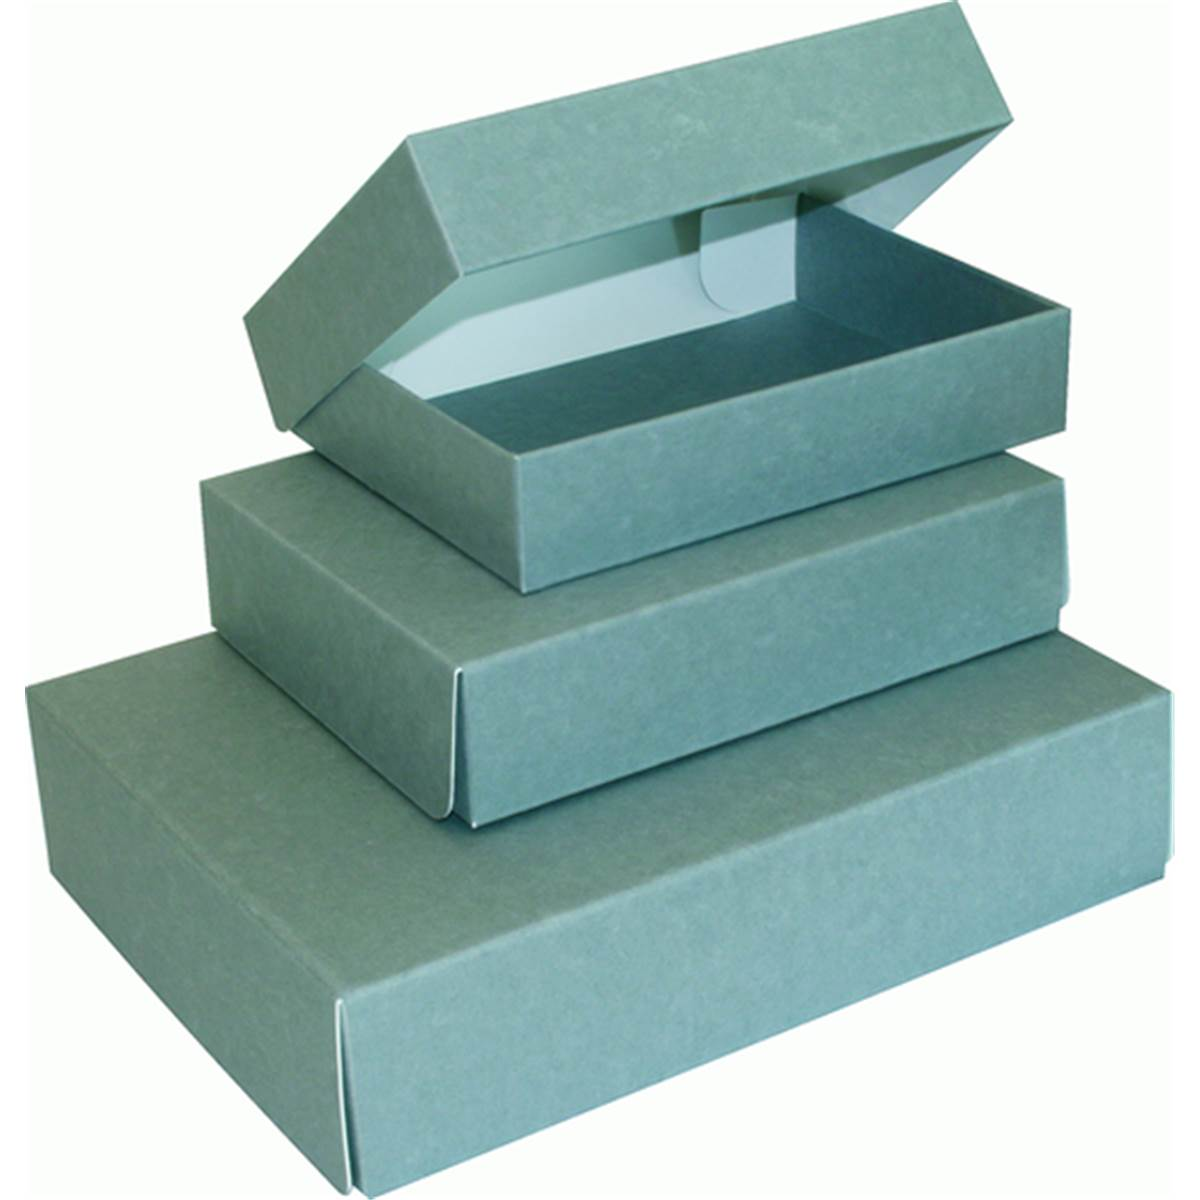 atlantis bo te d 39 archive grise plier 50x60 sans acide prophot. Black Bedroom Furniture Sets. Home Design Ideas